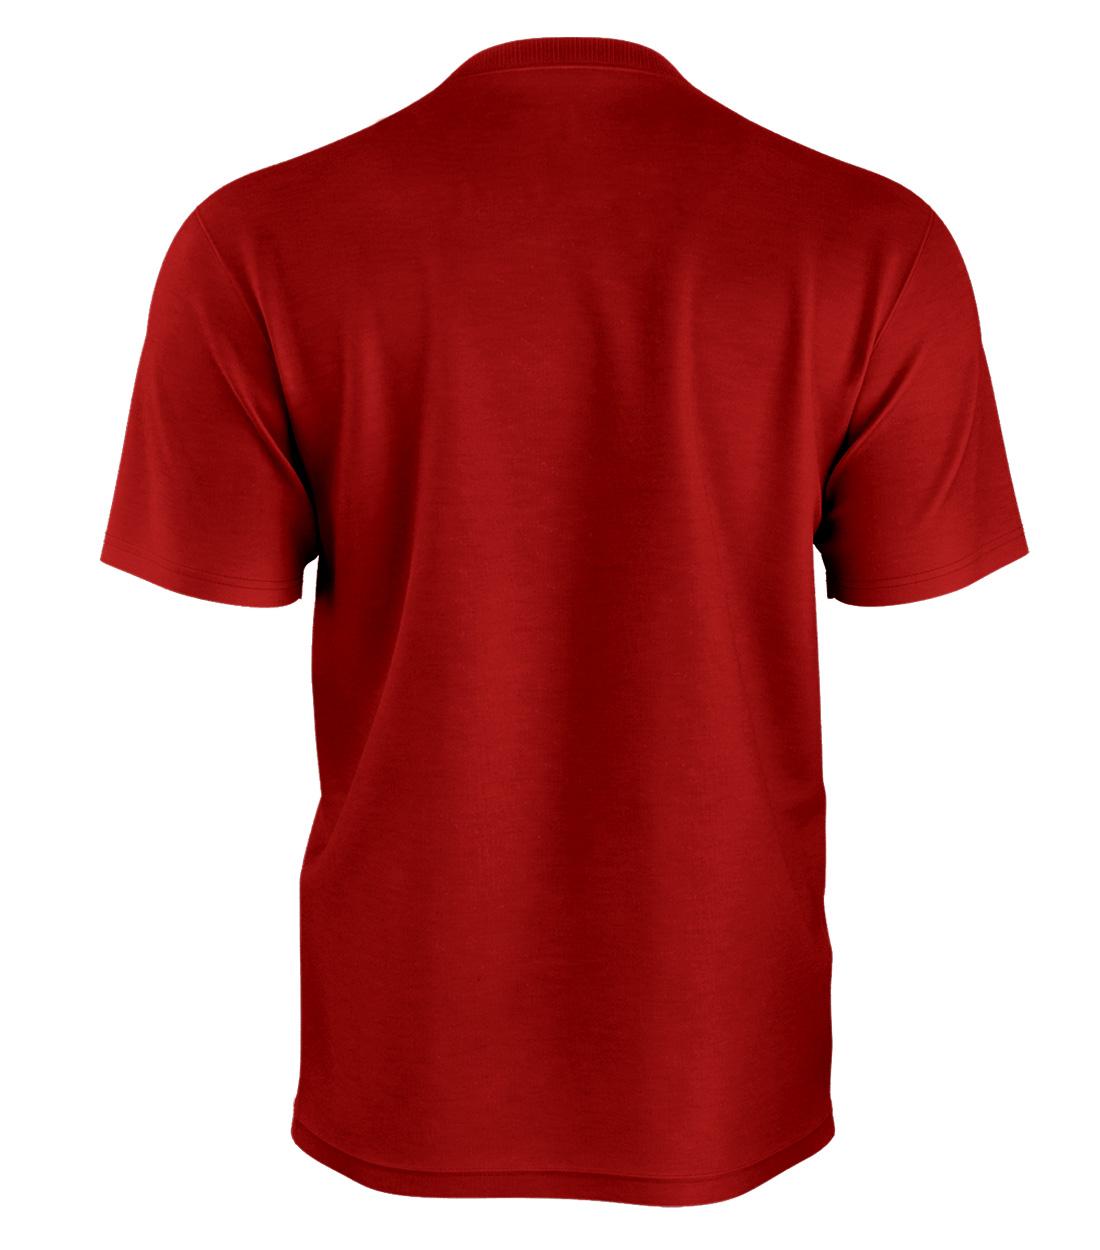 Chicago Bulls Tshirt (TSH-red-51-NBA-CHI-BASKETBALL)